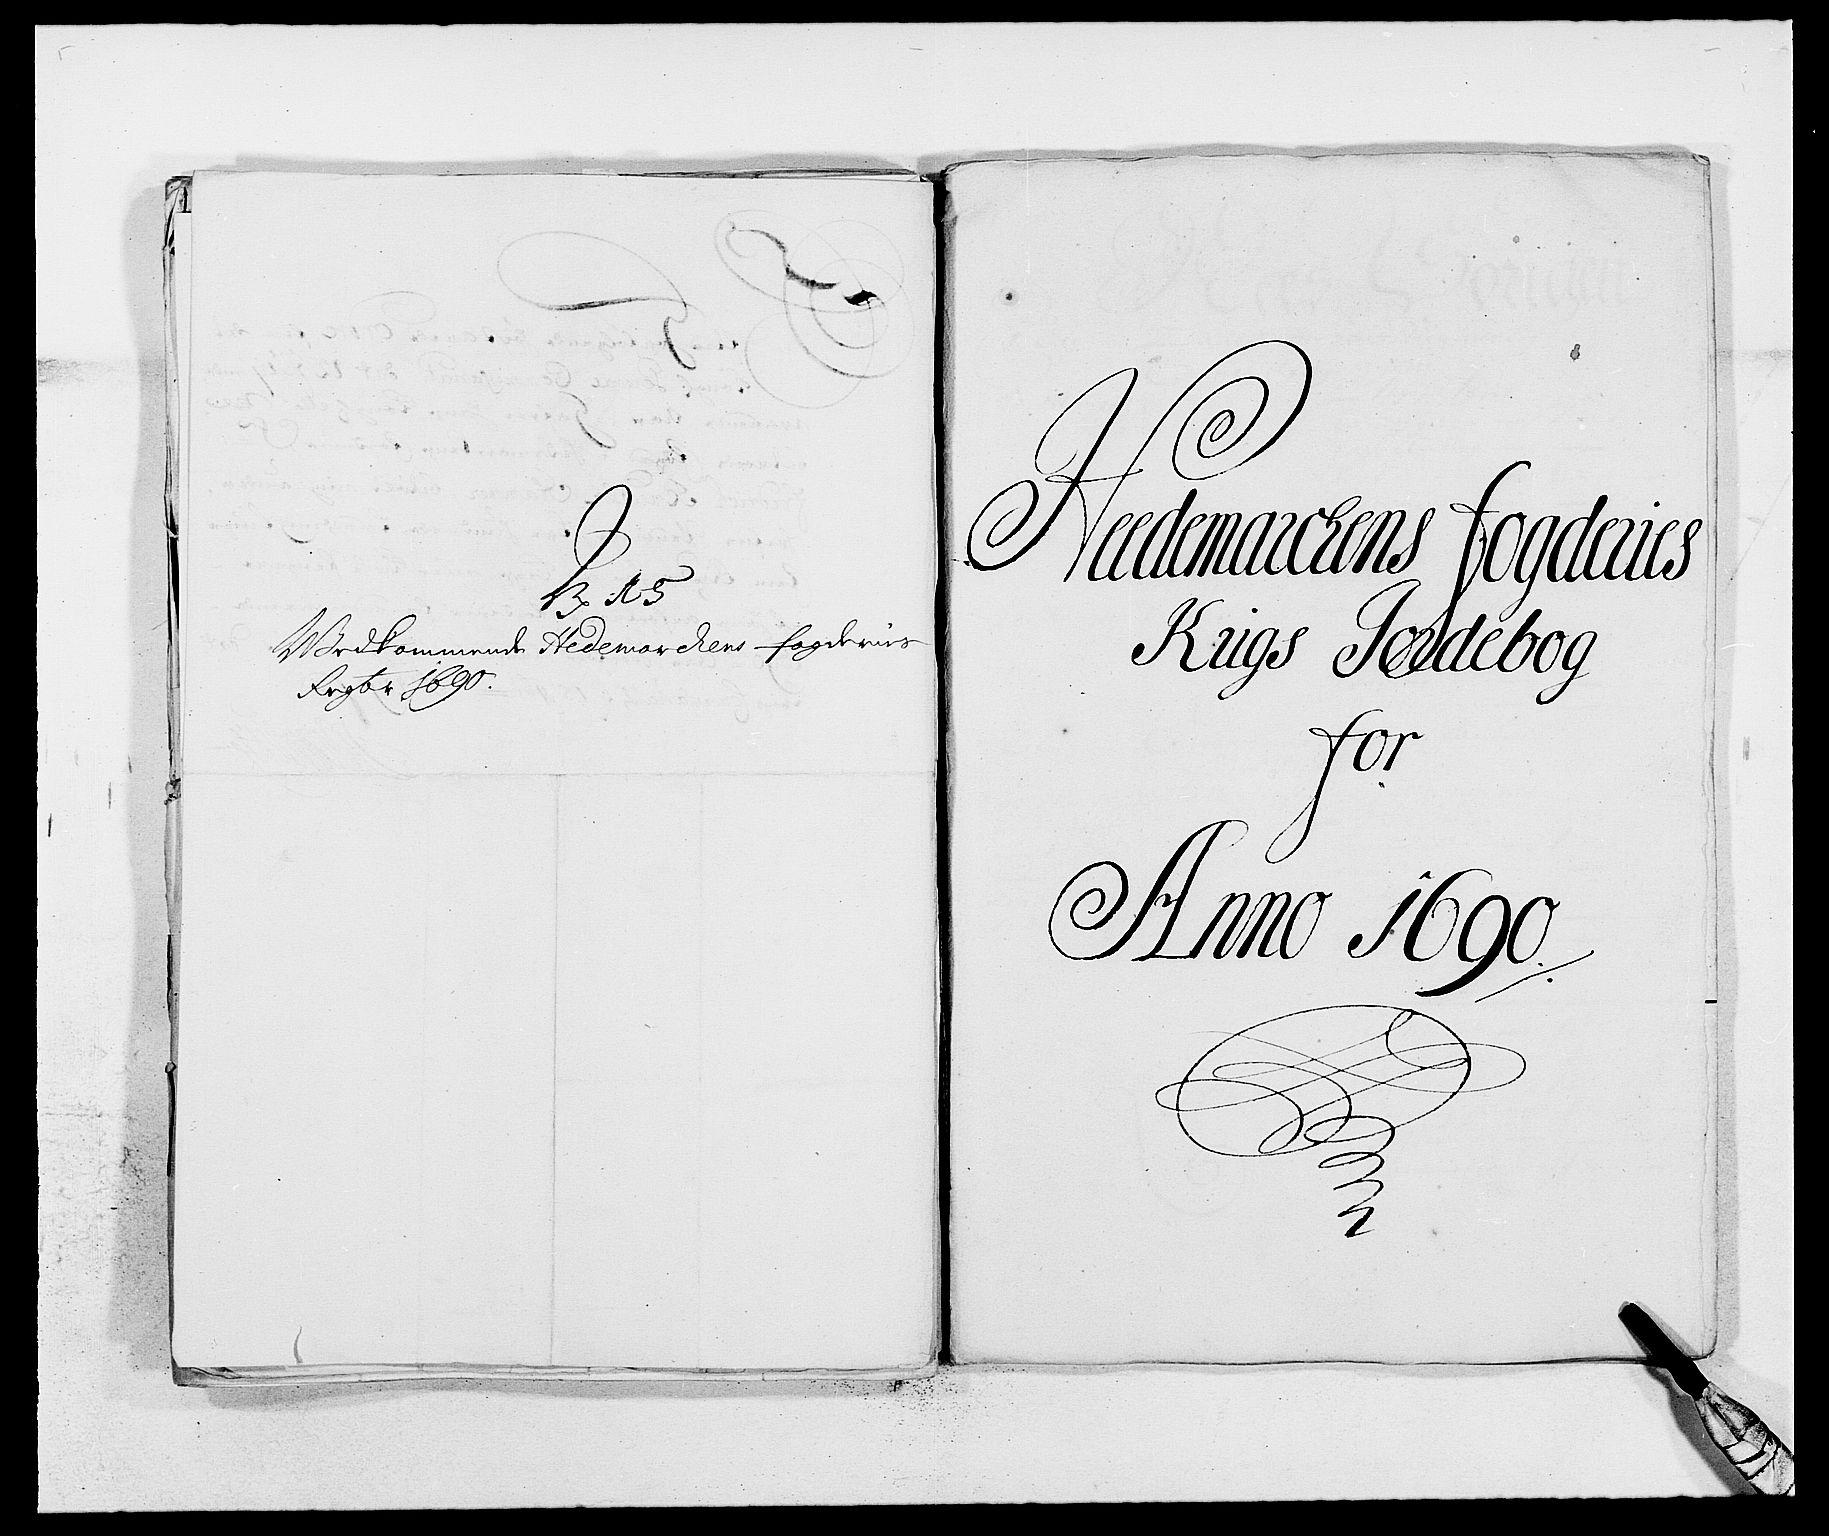 RA, Rentekammeret inntil 1814, Reviderte regnskaper, Fogderegnskap, R16/L1031: Fogderegnskap Hedmark, 1689-1692, s. 219